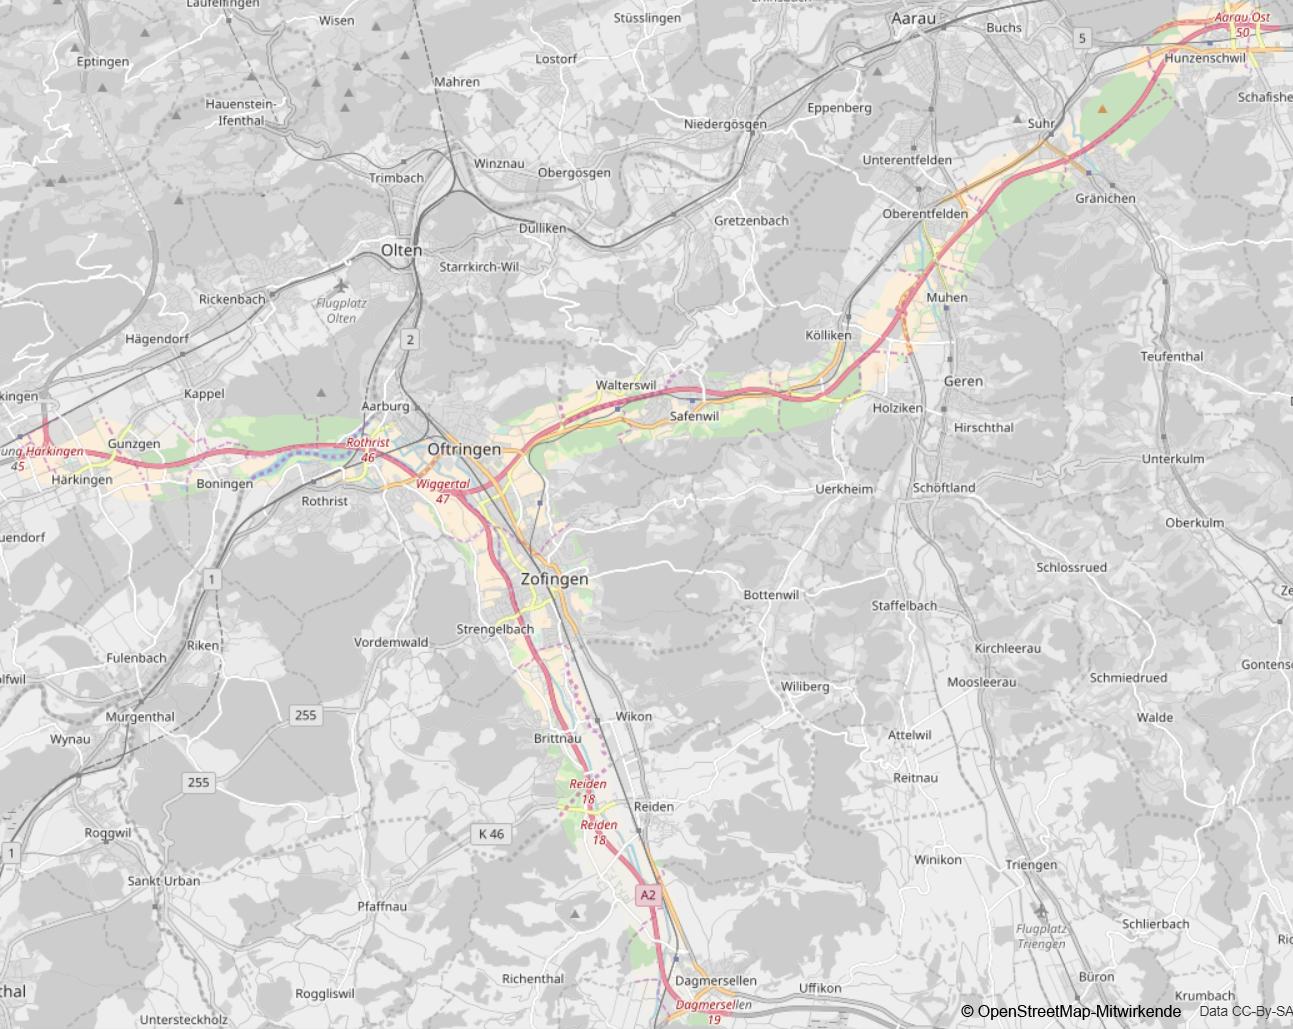 Karte Autobahnabschnitte